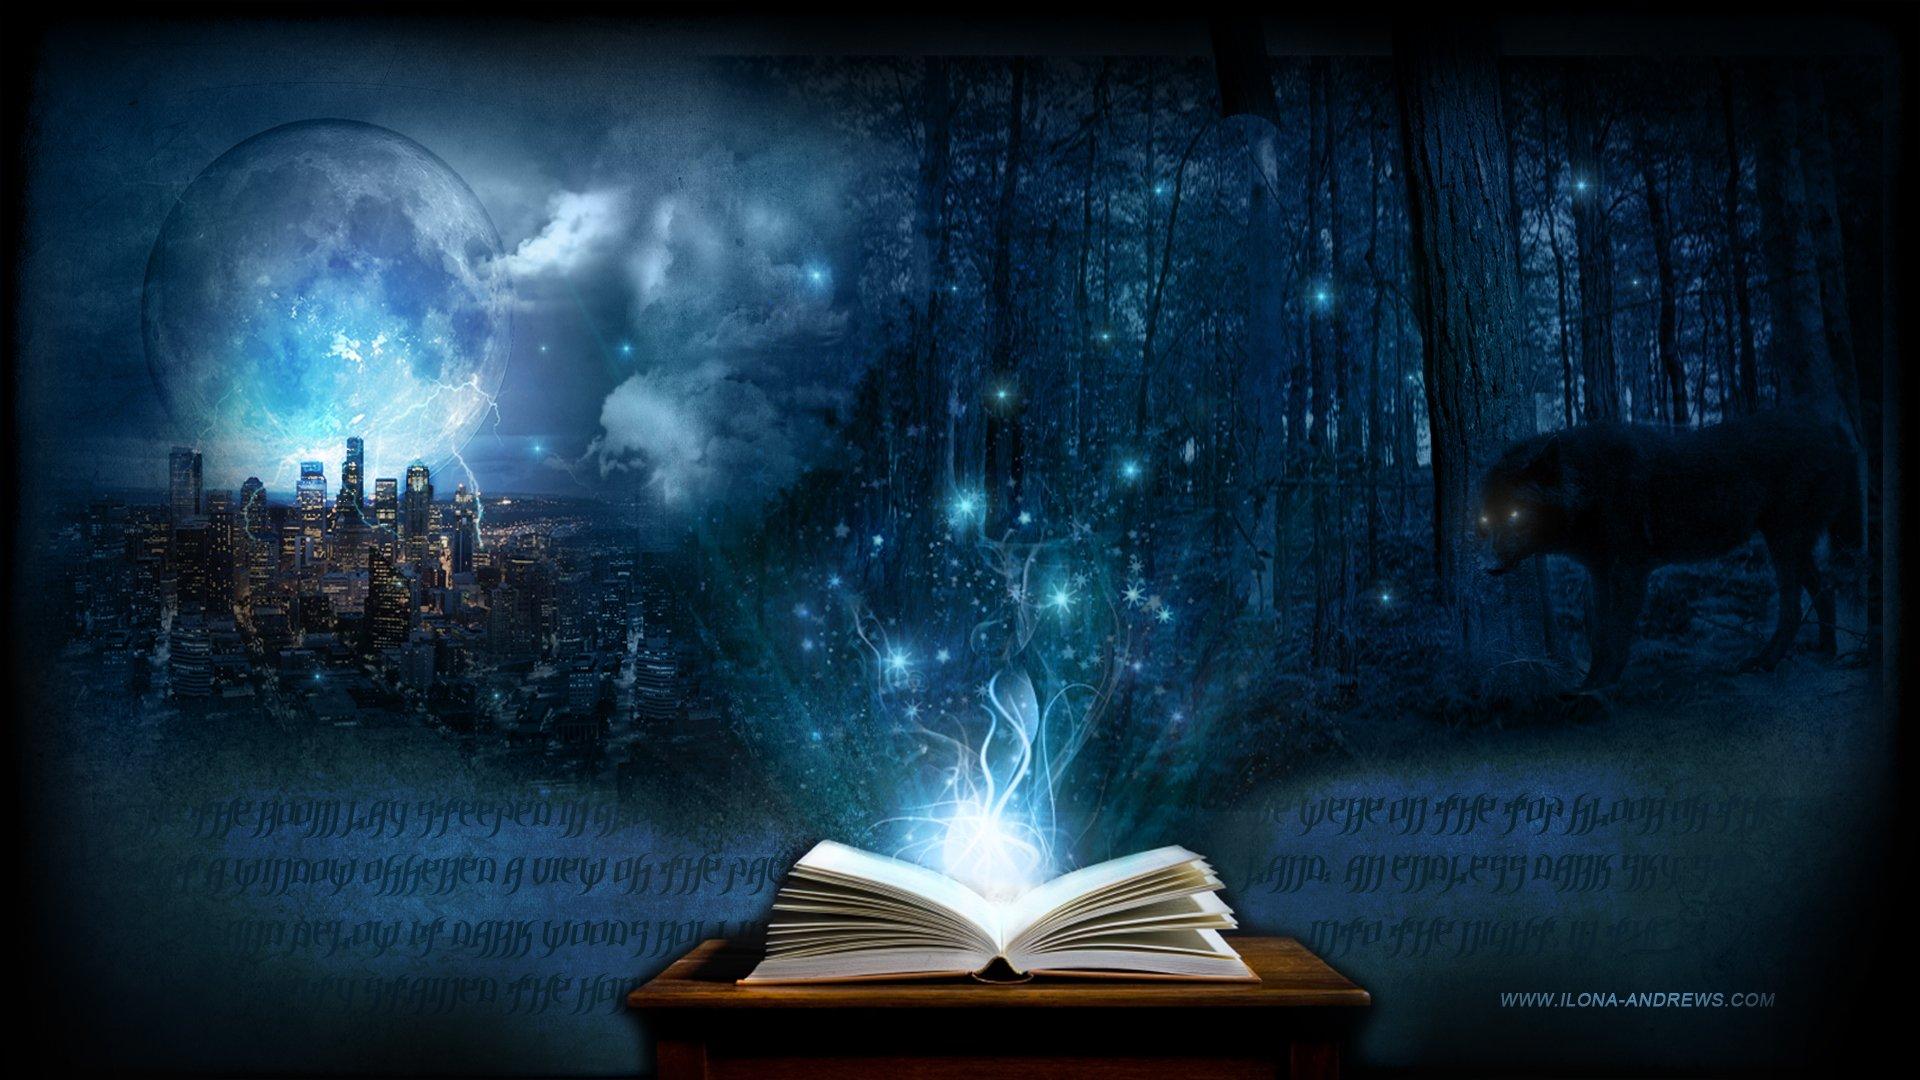 Magic Book Wallpaper 1920x1080